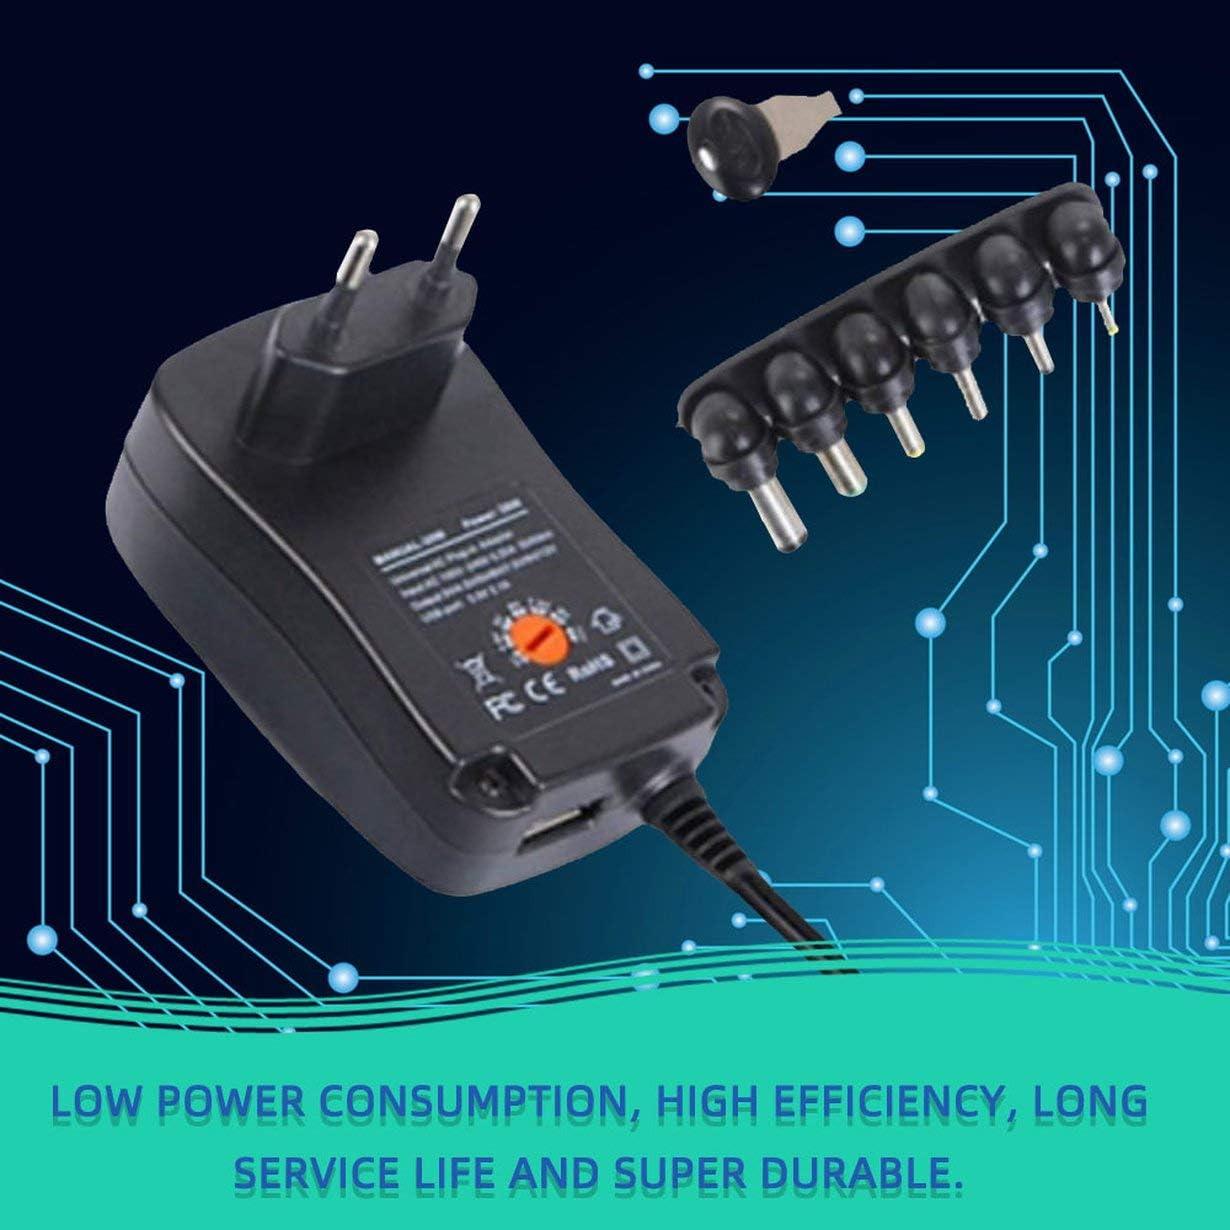 schwarz US 9V 30W Netzteil Universaladapter AC DC 3V 4,5V 7,5V 6V 12V 1,5A einstellbar